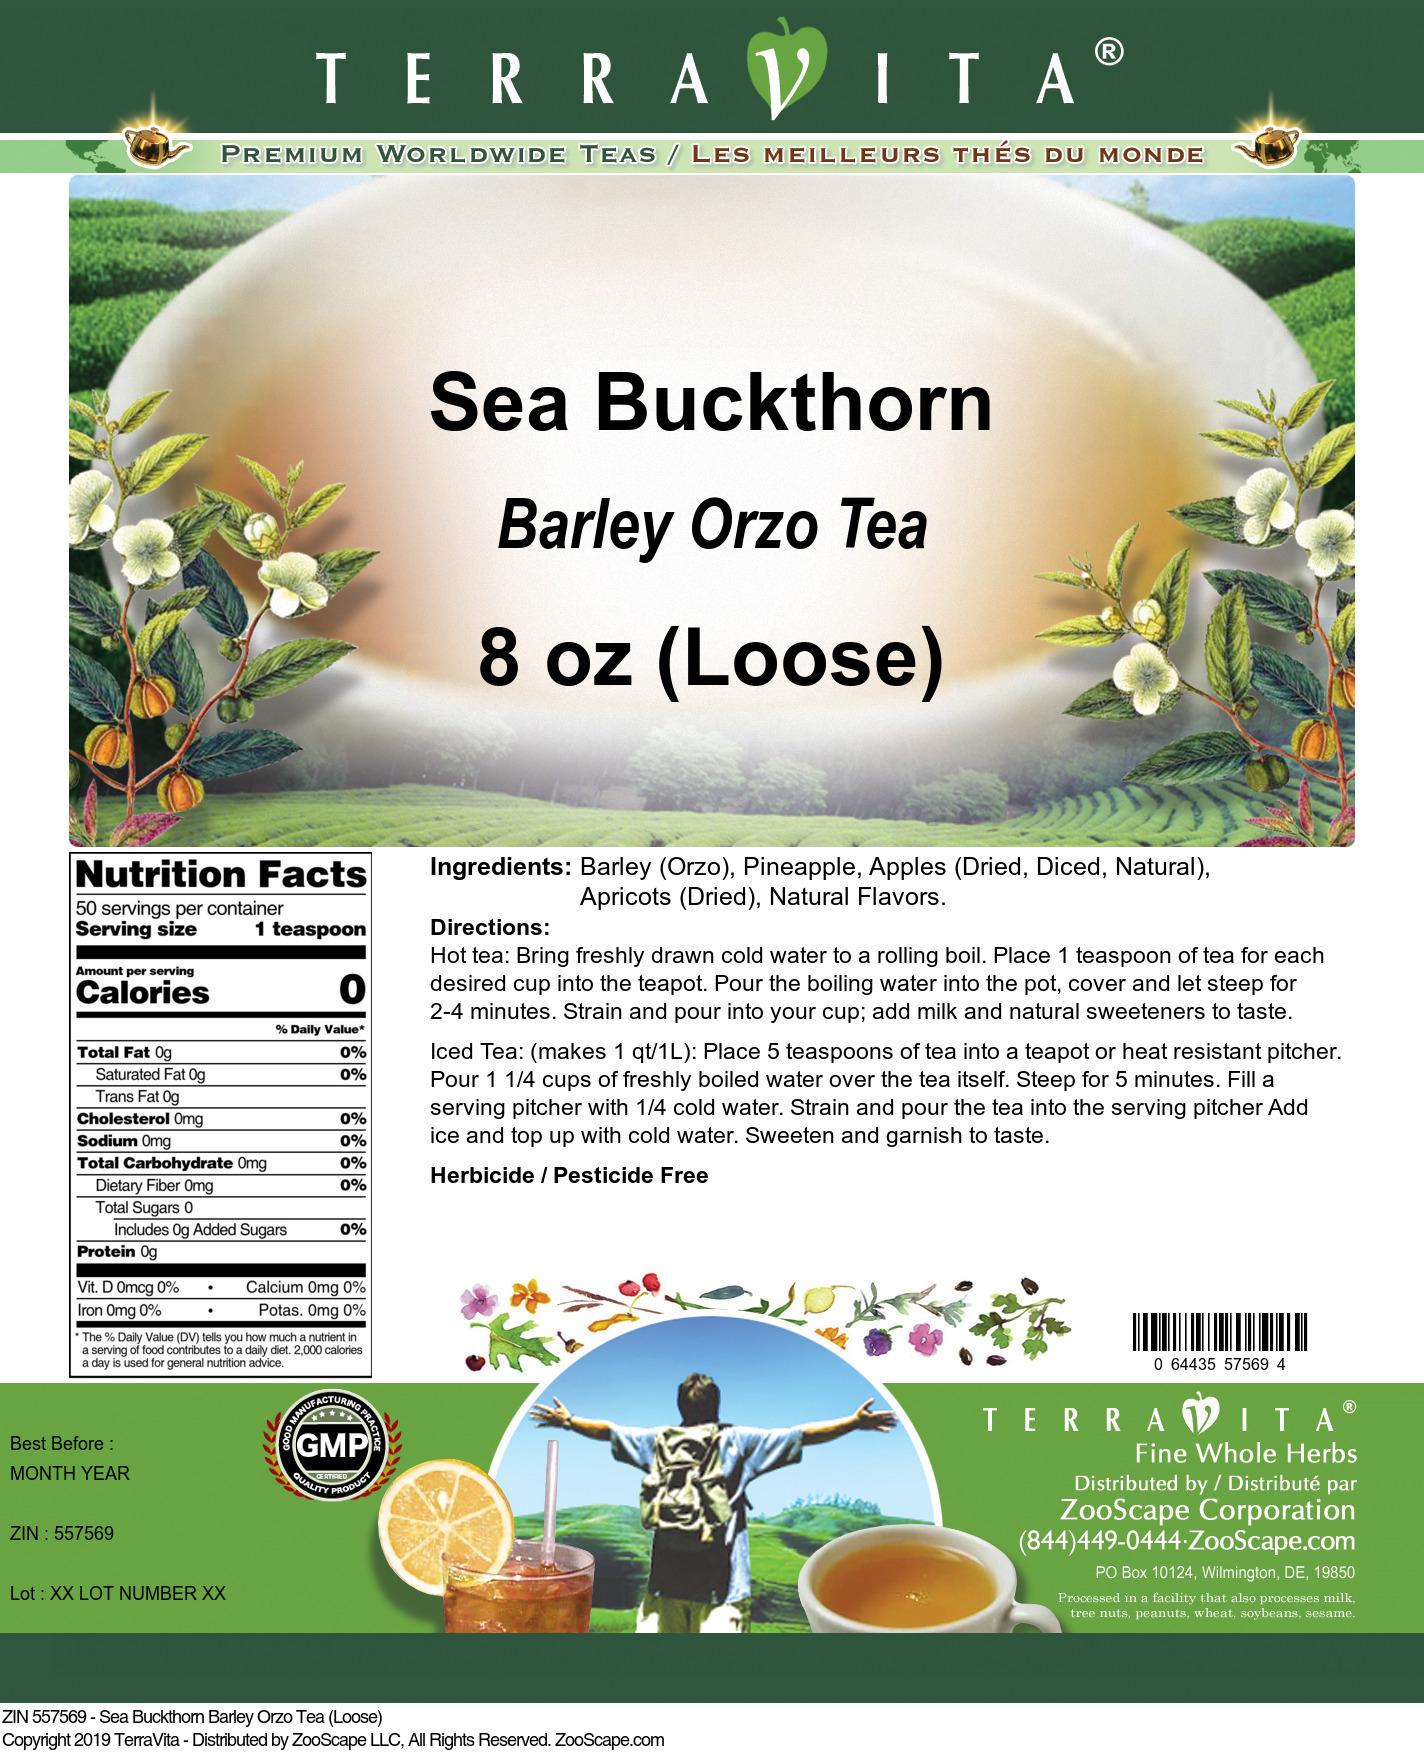 Sea Buckthorn Barley Orzo Tea (Loose)